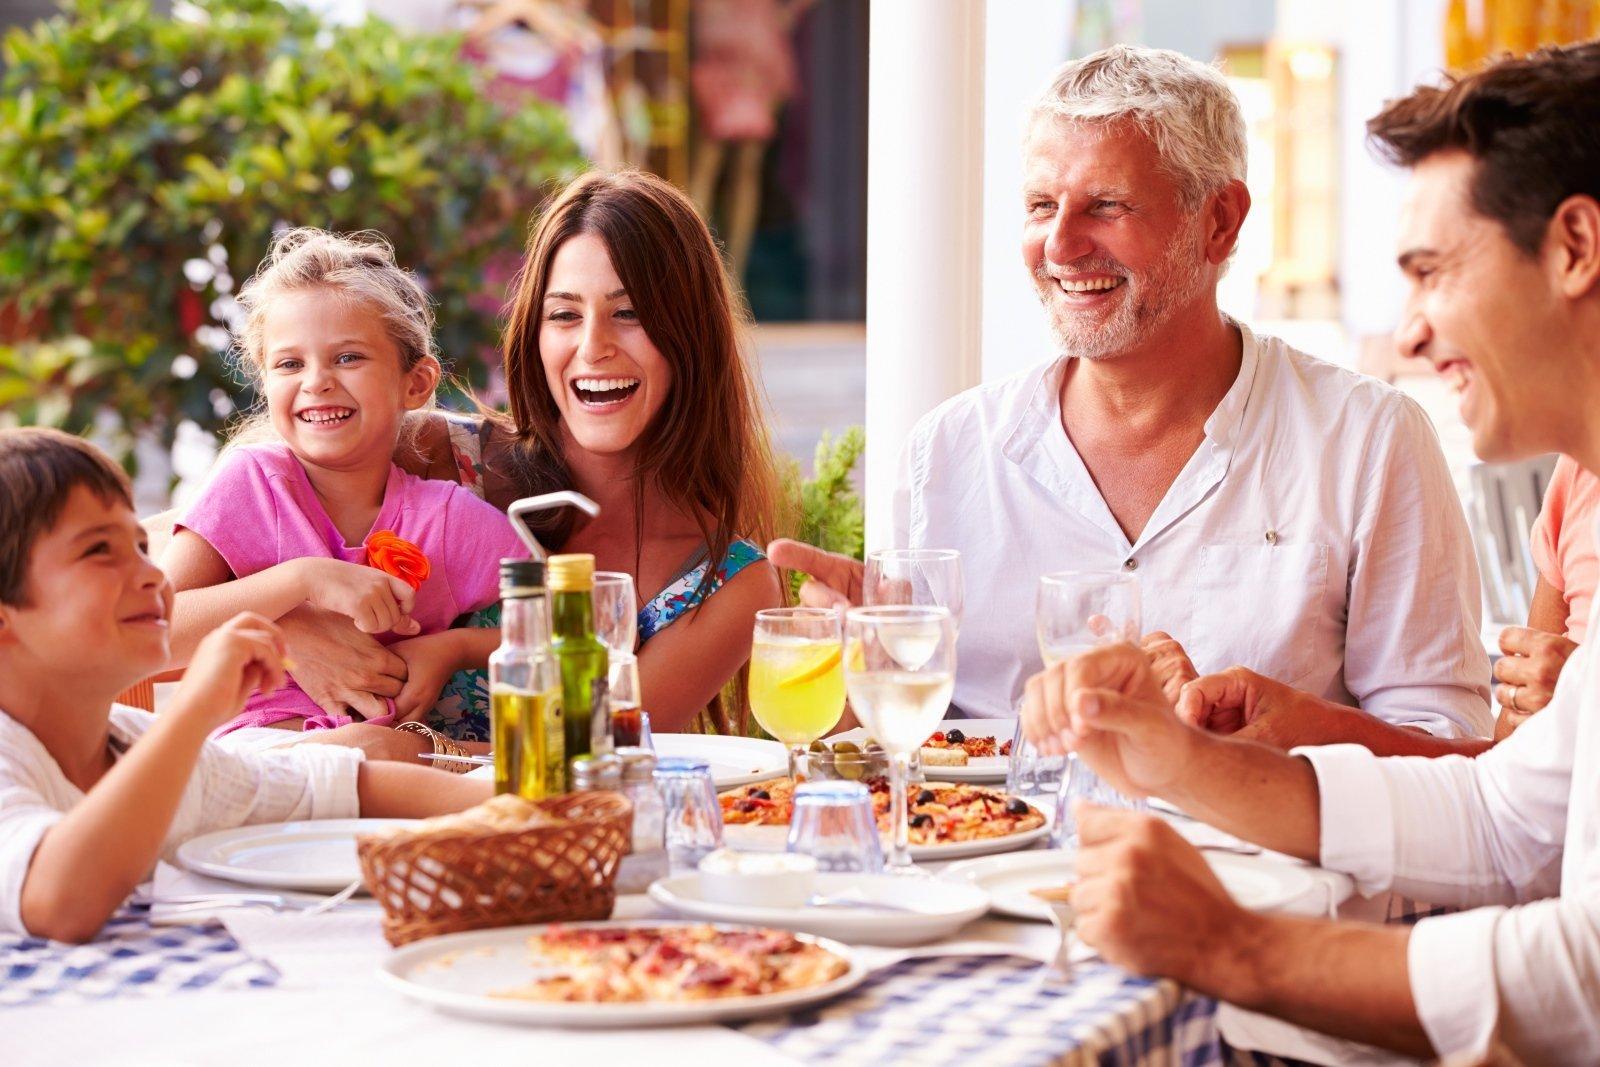 famiglia mentre mangia la pizza